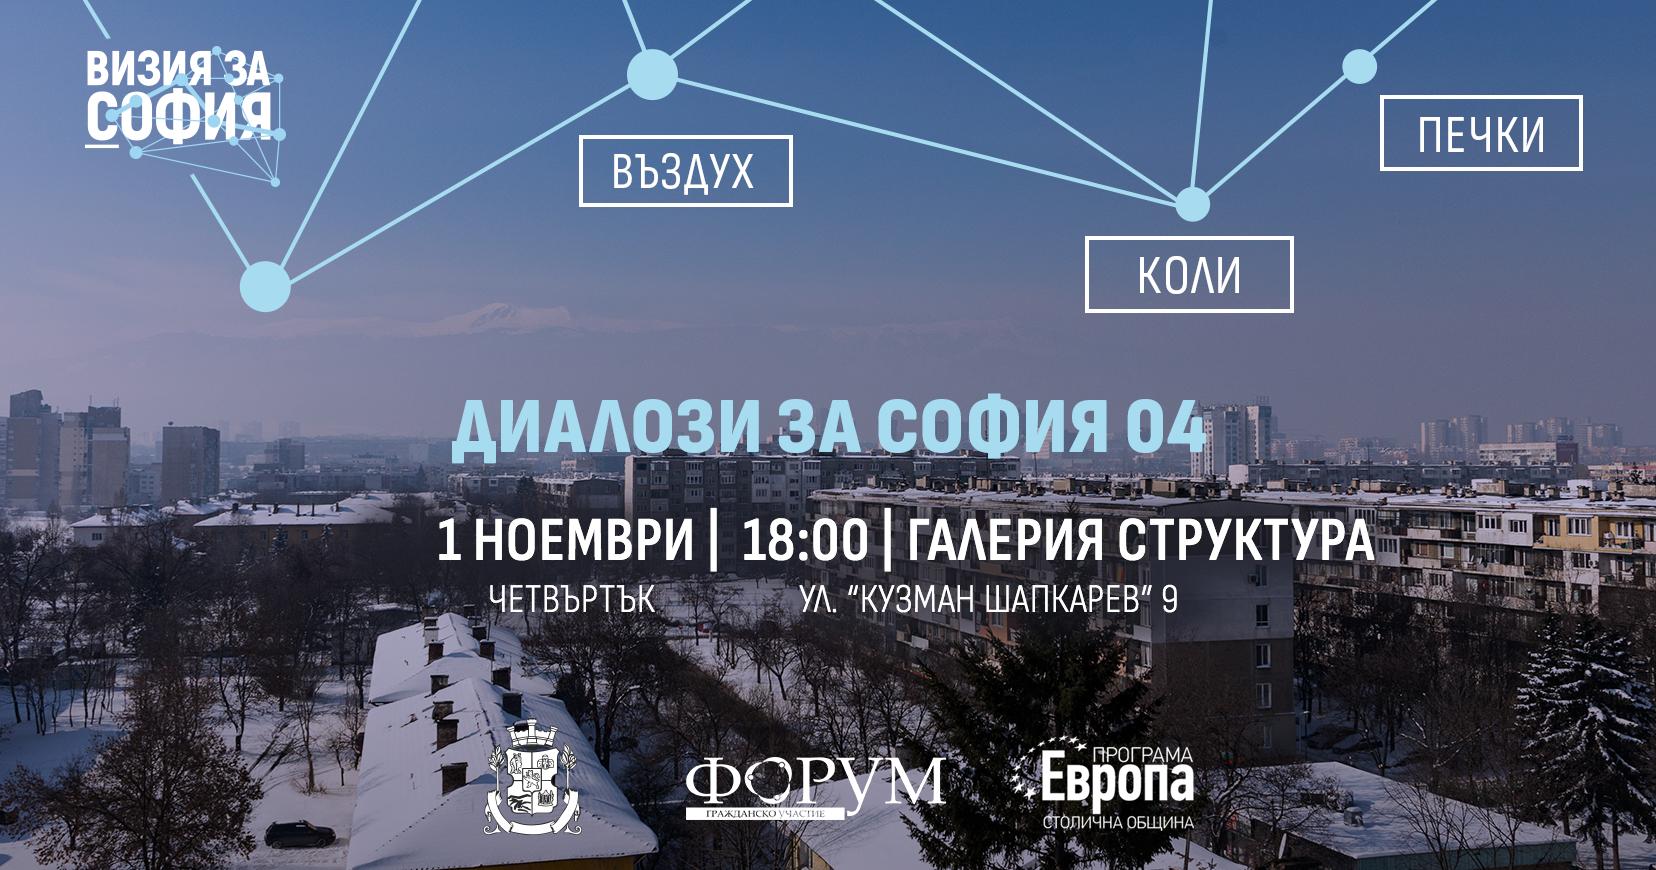 Диалози за София 04: Въздух, печки и коли